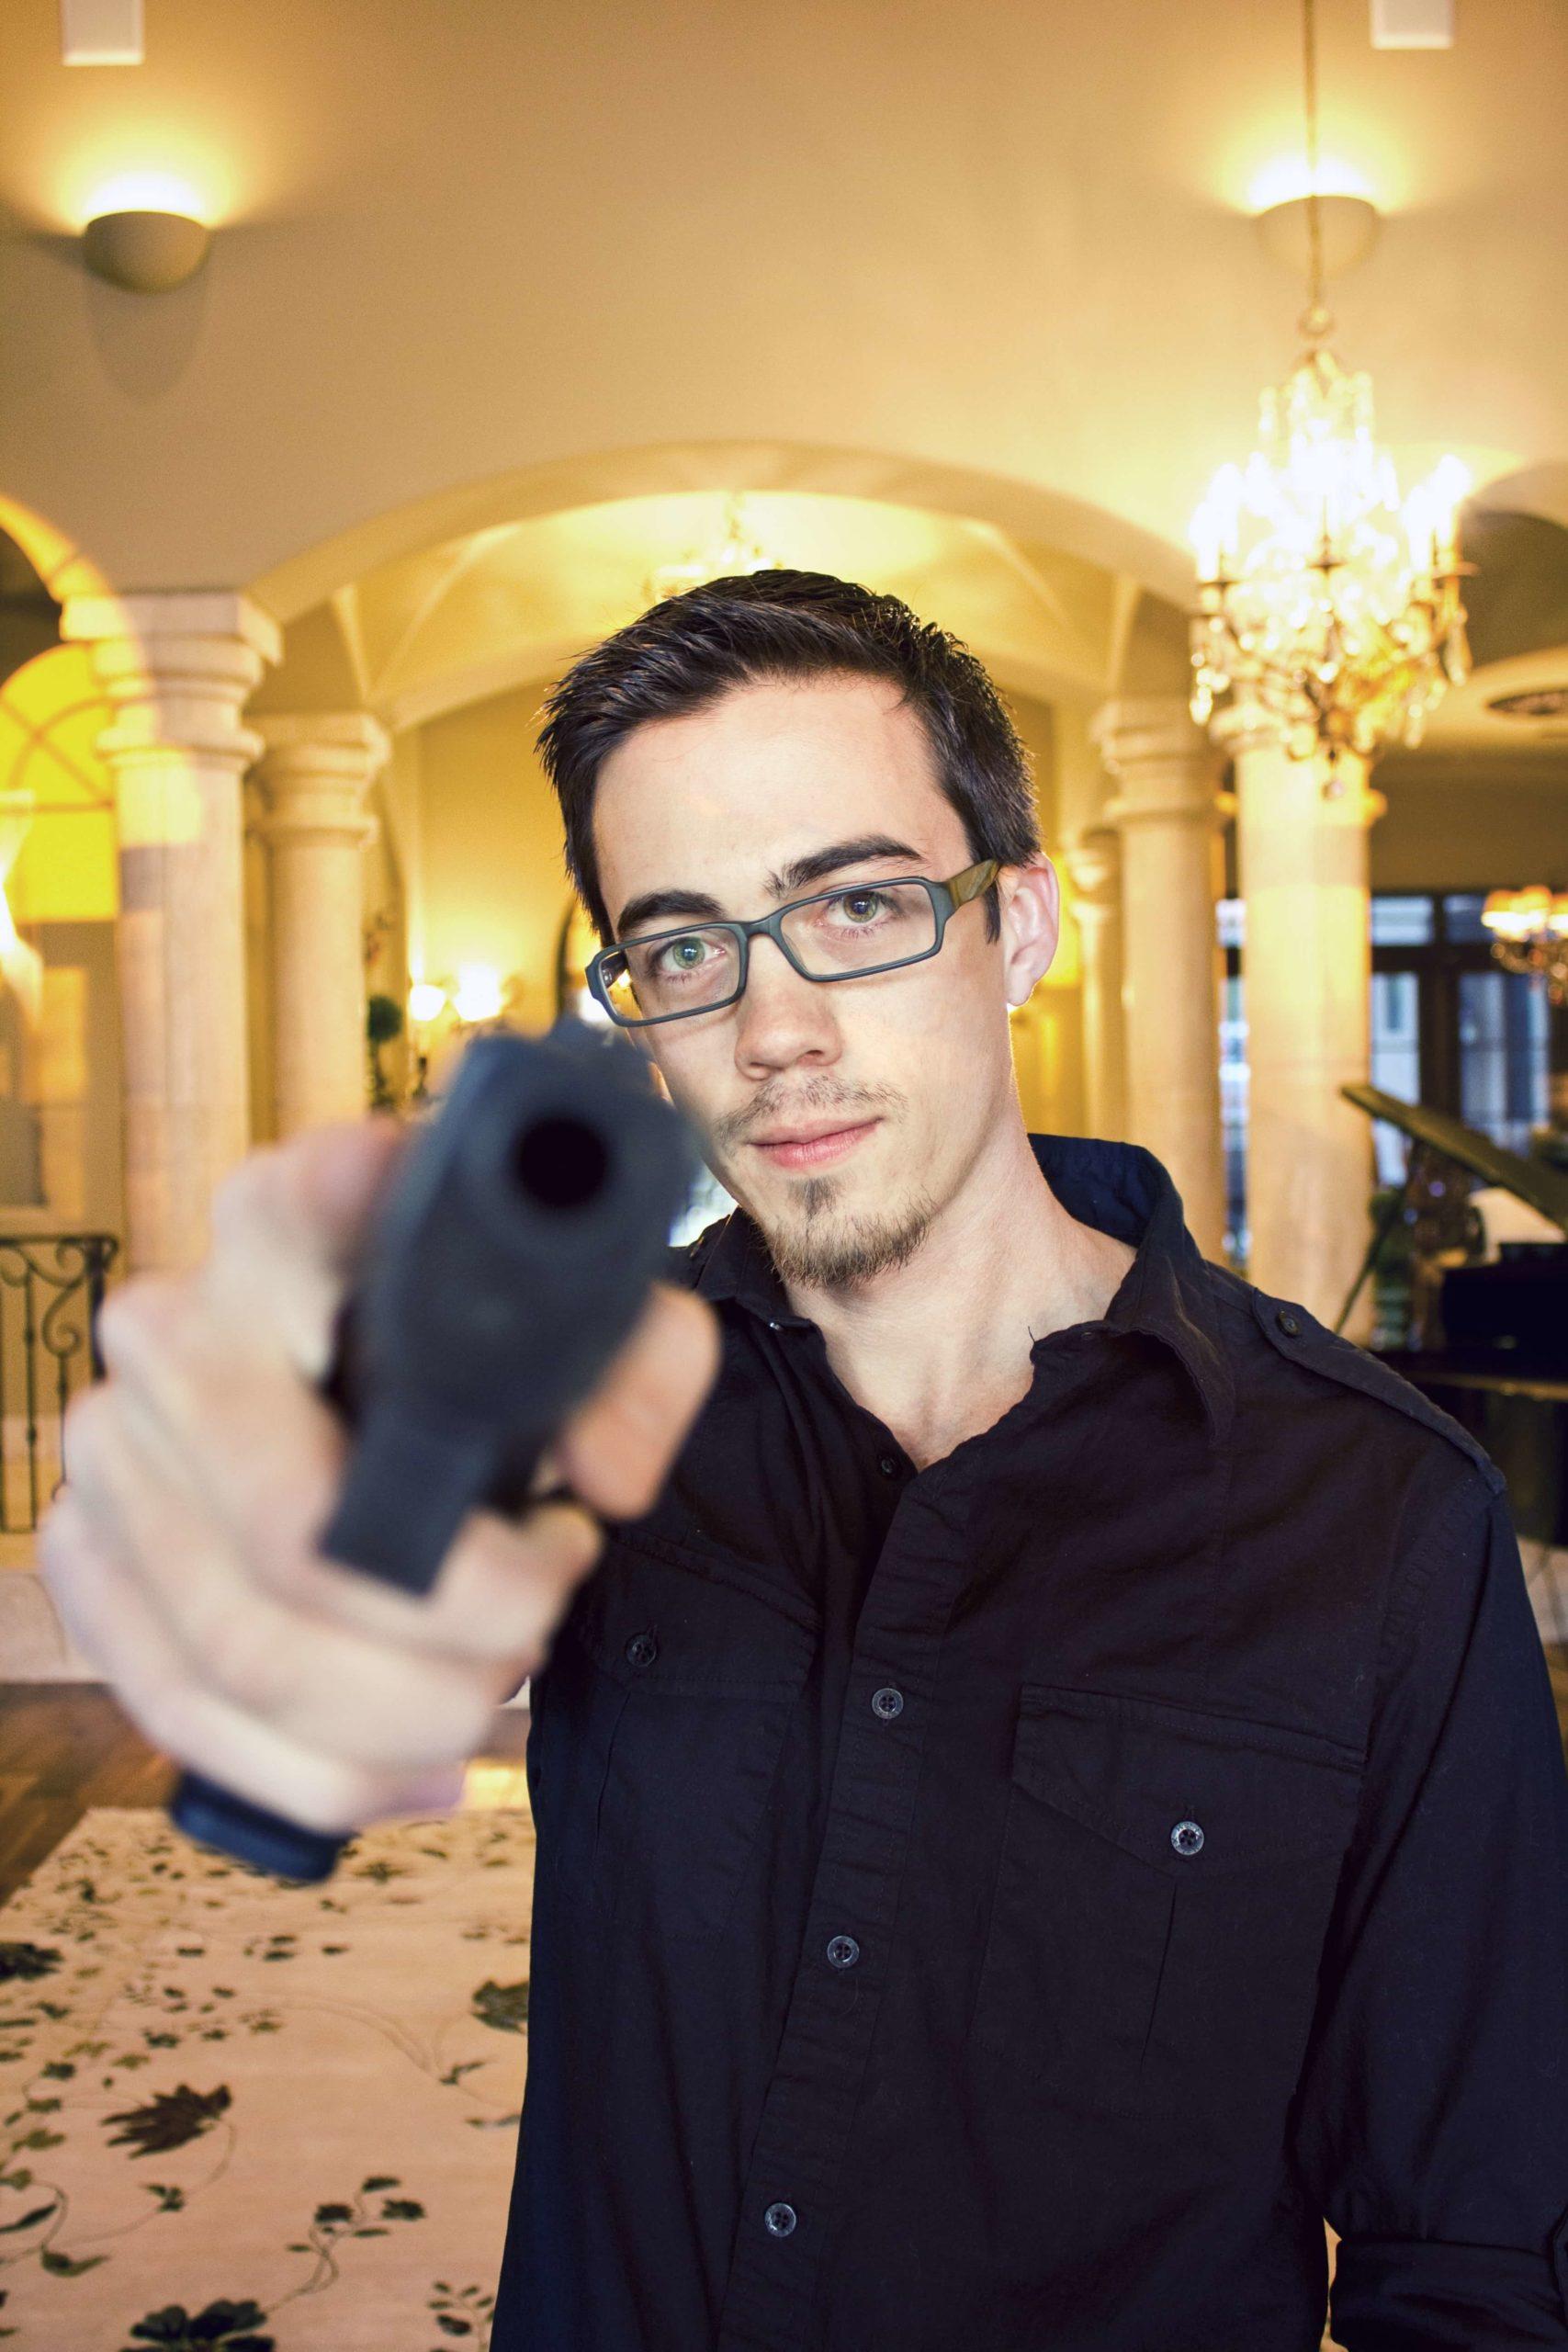 薄笑みを浮かべながら銃口を向けてくる男性